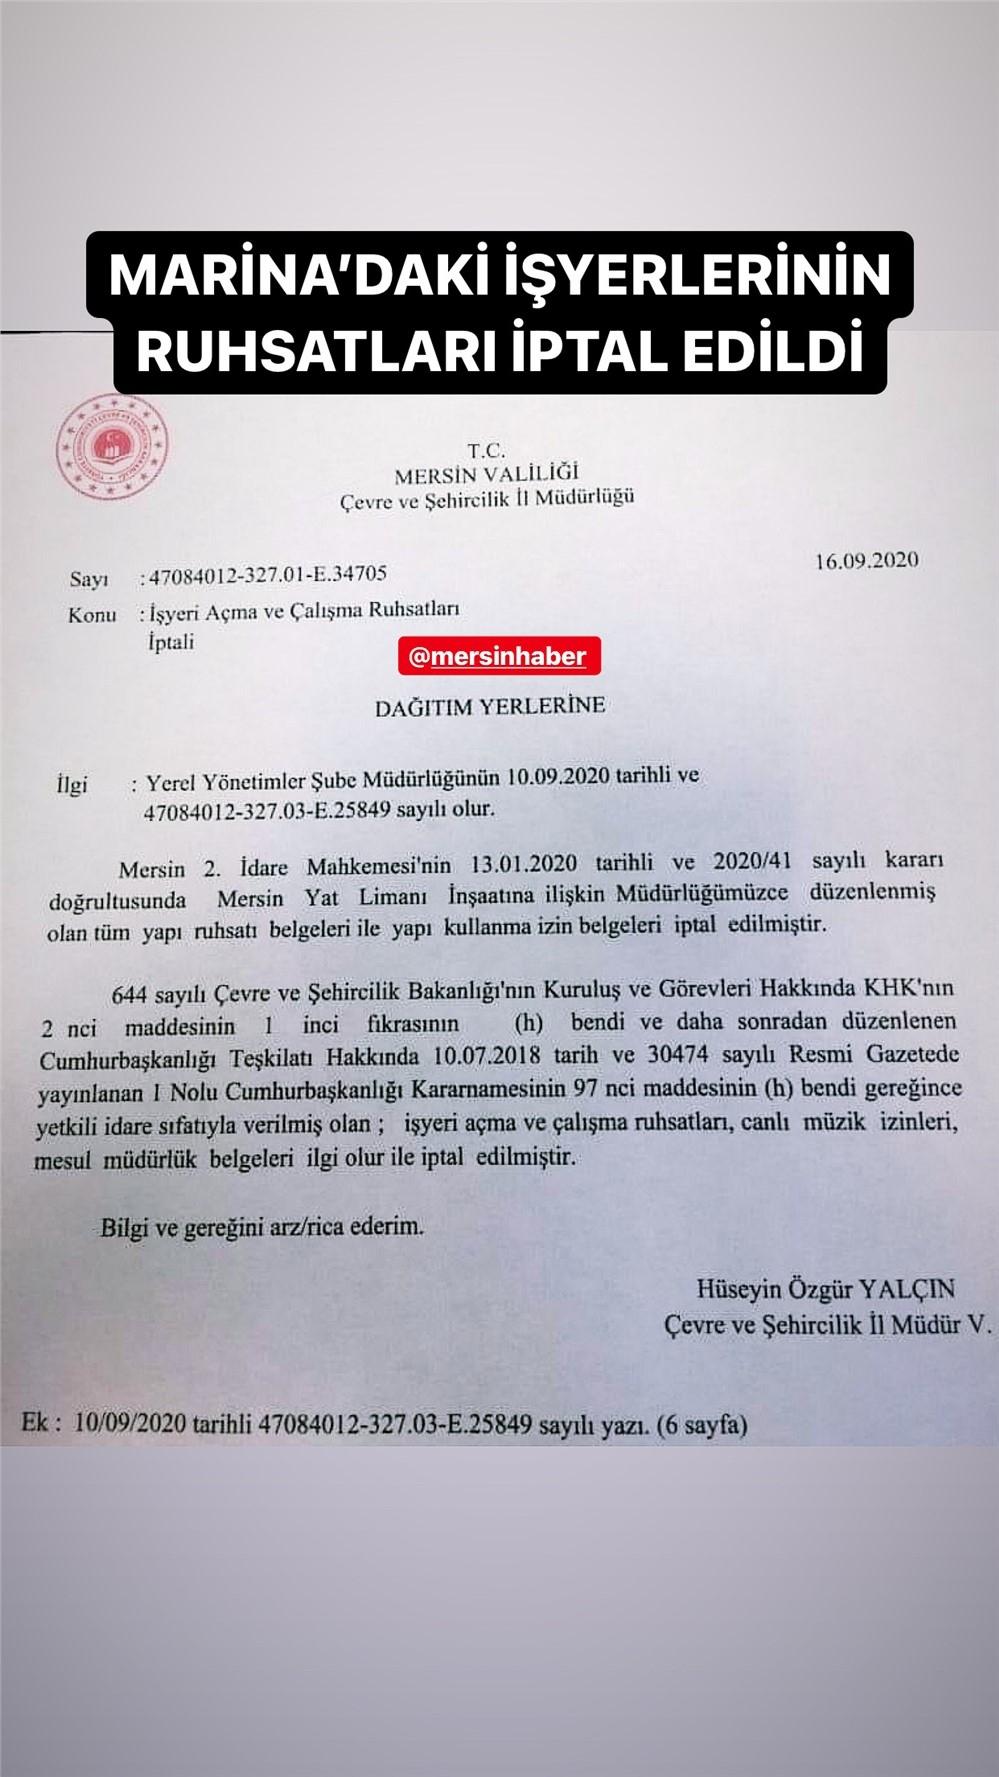 Mahkemeden Mersin Marina Kararı! Marinadaki İş Yerlerinin Ruhsatları İptal Edildi